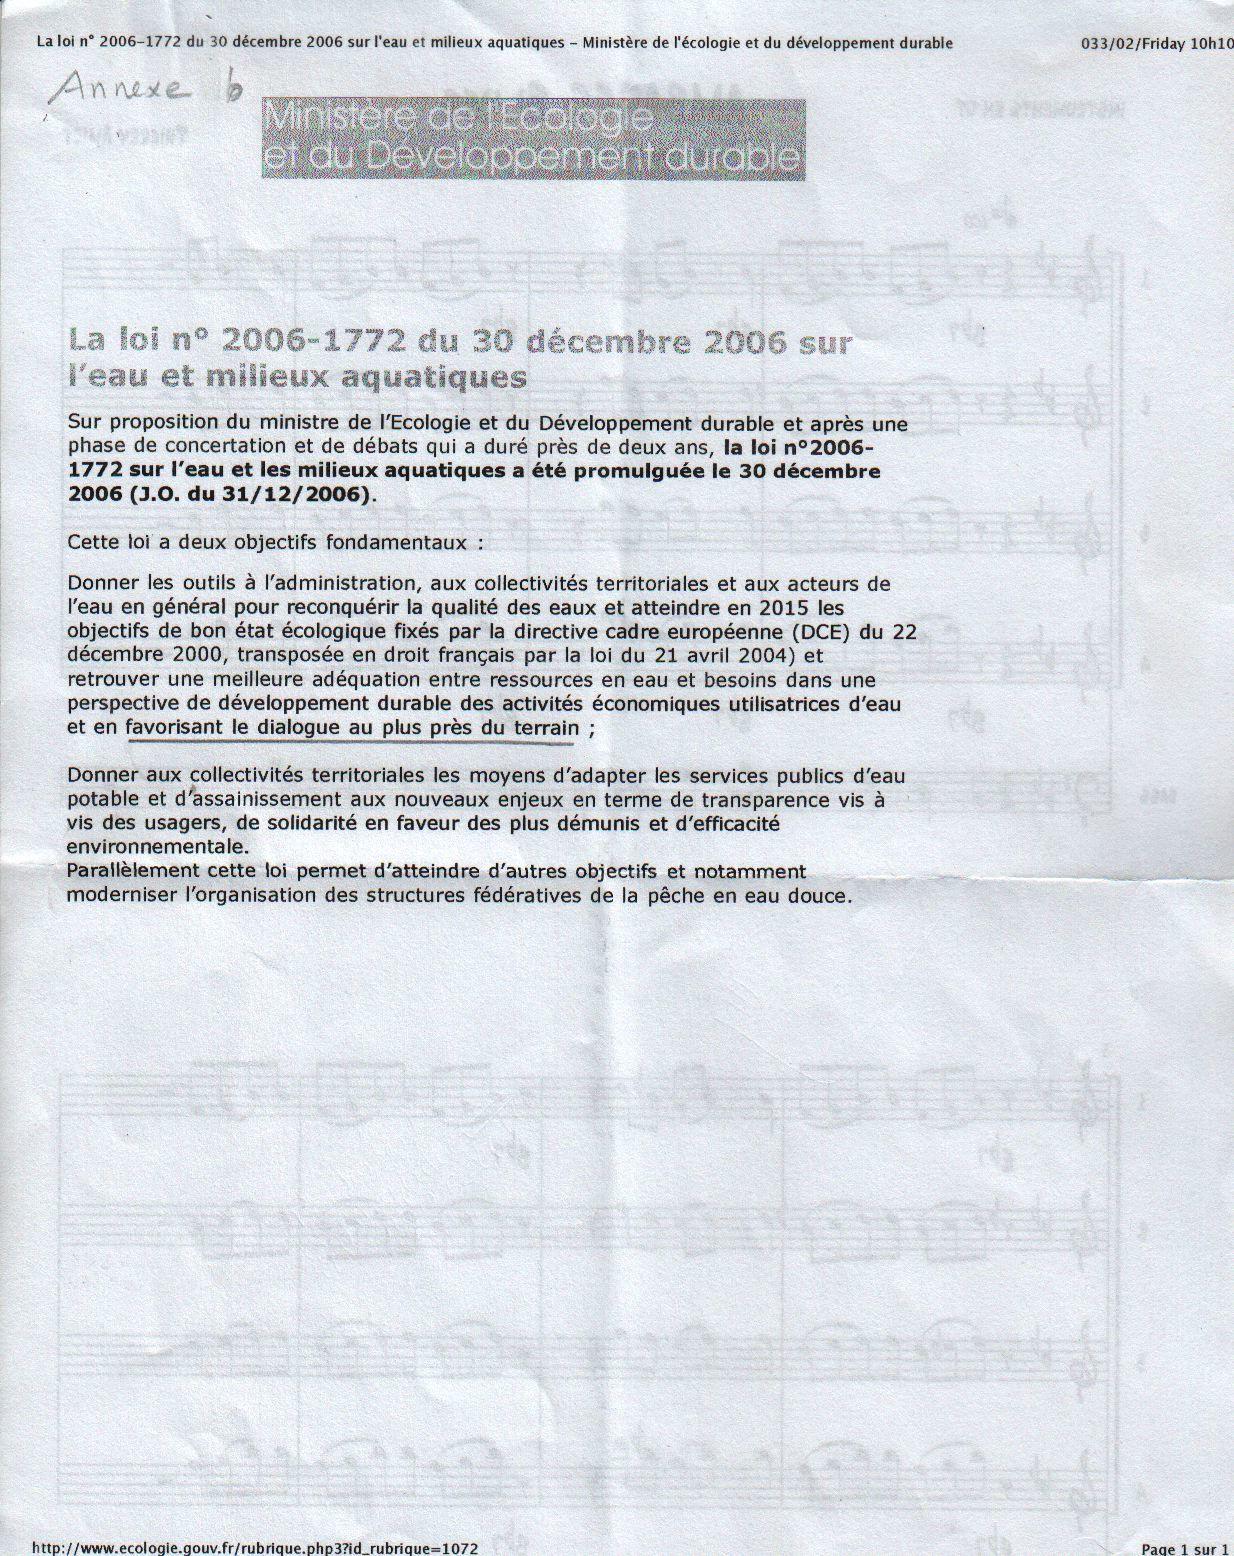 8 Loi dec 2006 s- l'eau (an.b)